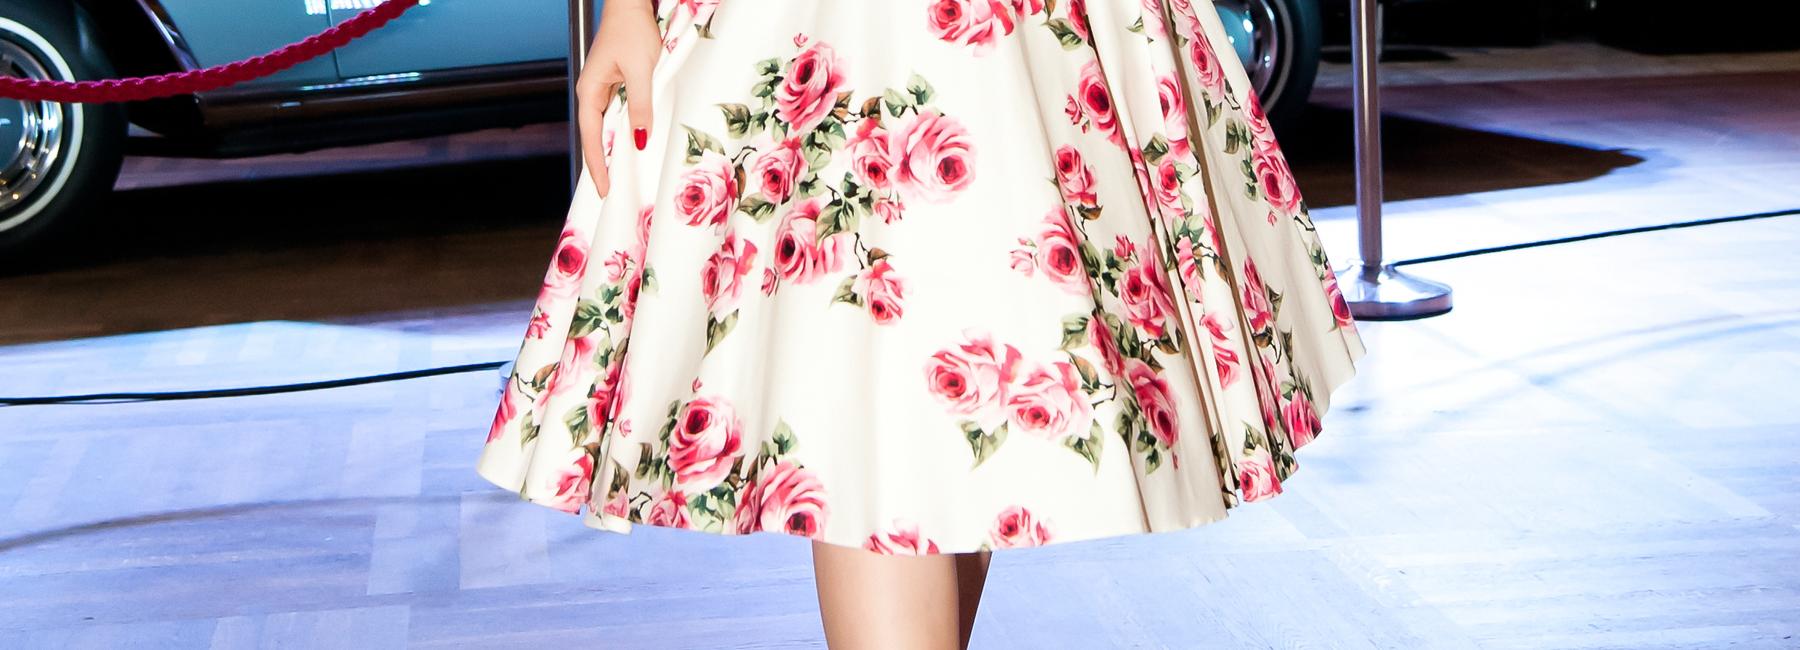 Klar, dass man bei Vintage-Kleidern sofort an Wespentaille, Rock'n'Roll und Petticoat denkt! Die Rockabilly-Kleider und Tea Dresses der 50er Jahre sind legendär. Und der Swing-Stil trägt seine weit schwingenden Röcke sogar (wenn auch zufällig) im Namen.